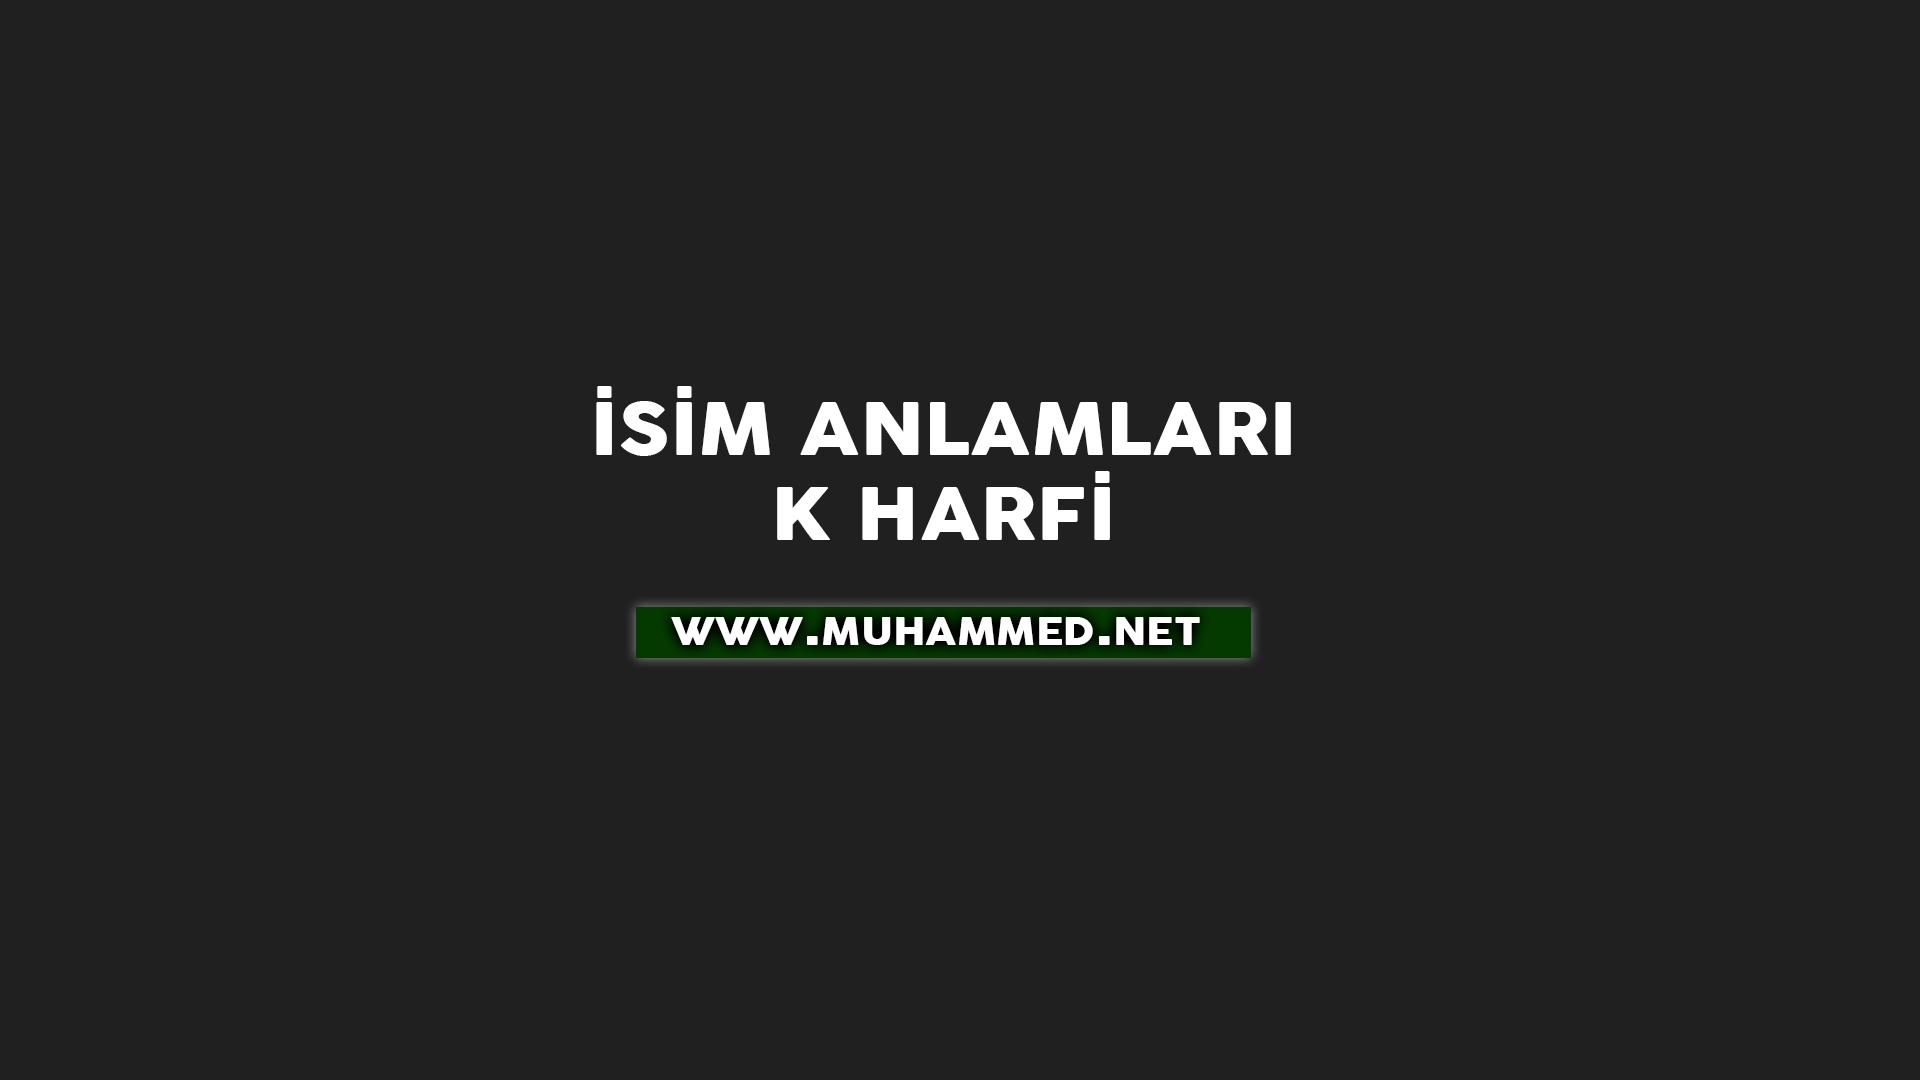 İsim Anlamları - K Harfi